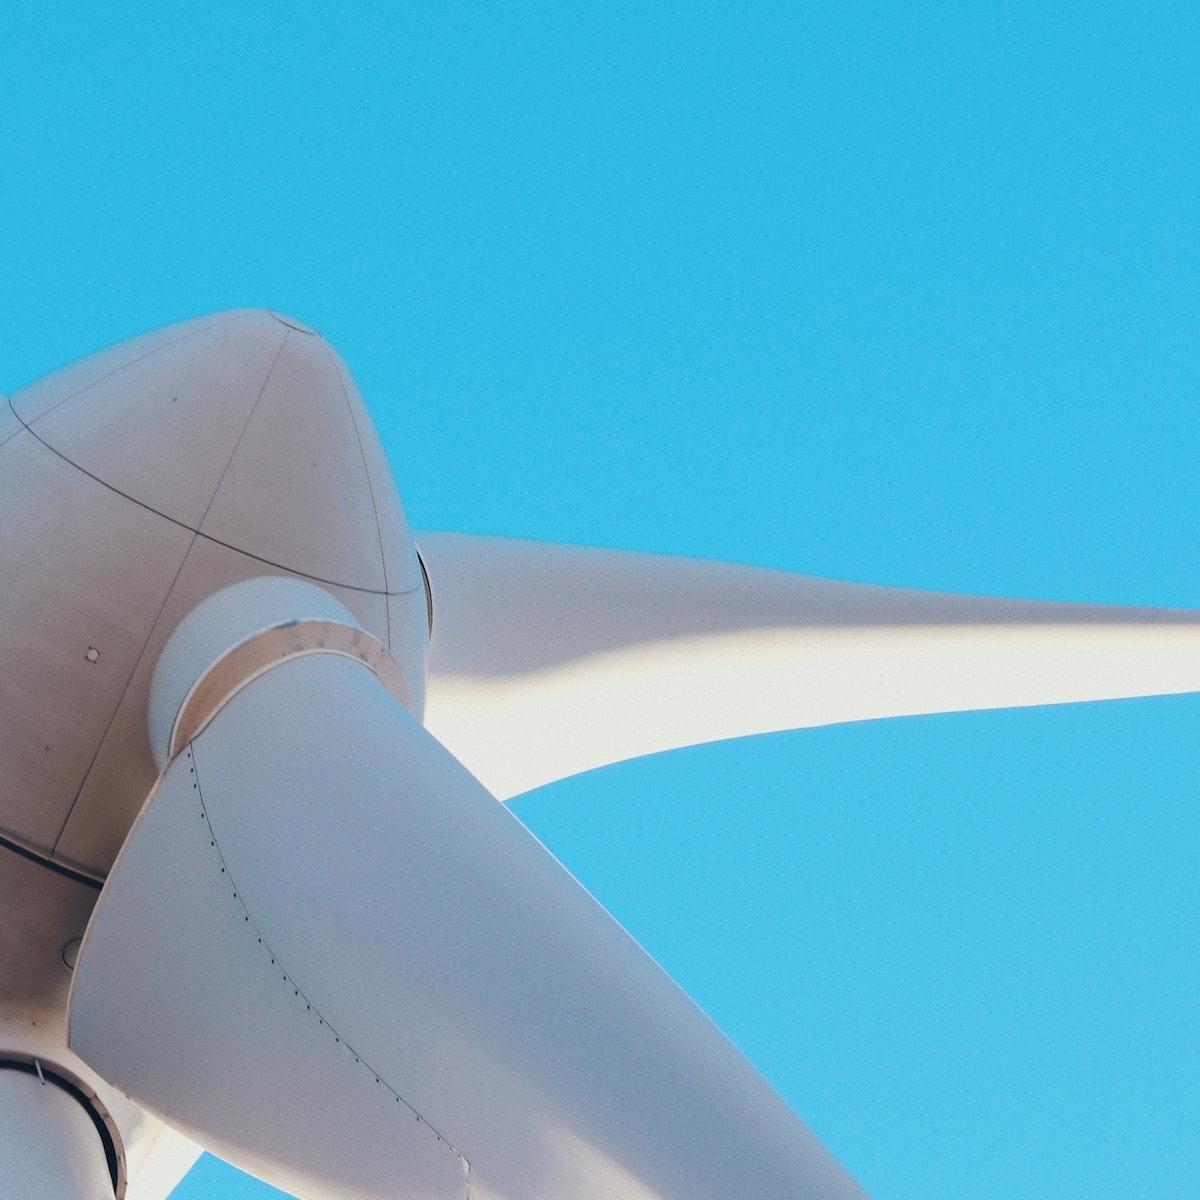 Wind mill closeup